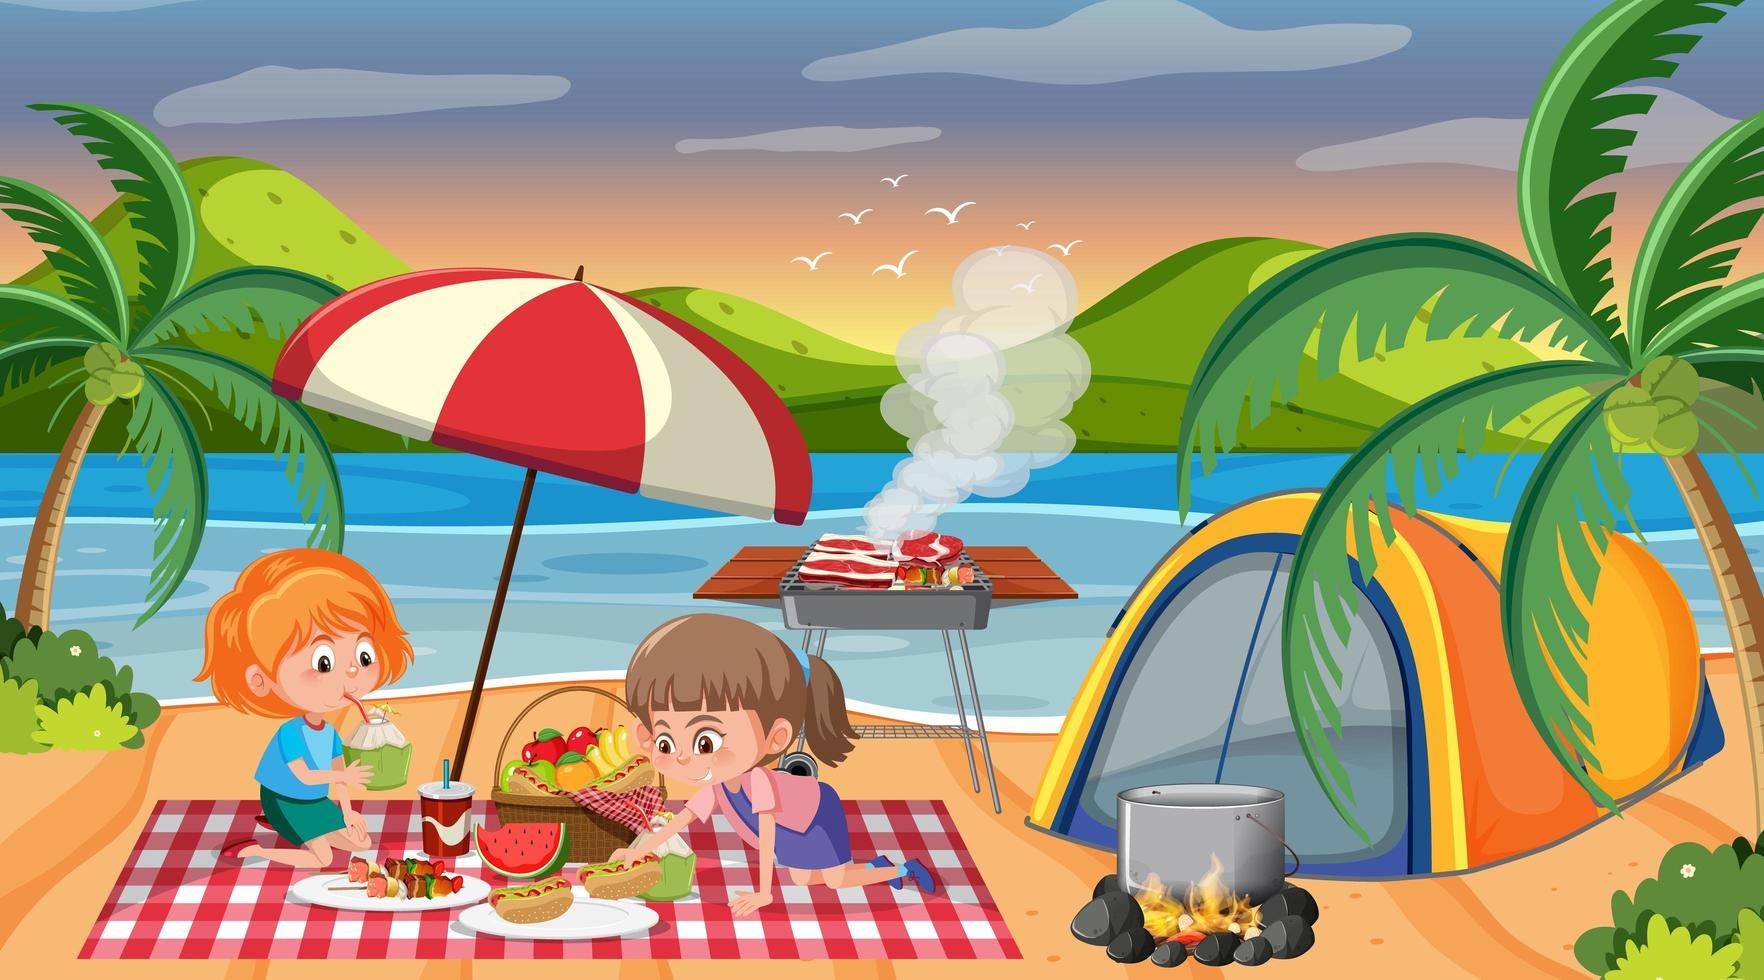 scène de pique-nique avec une famille heureuse en camping à la plage vecteur